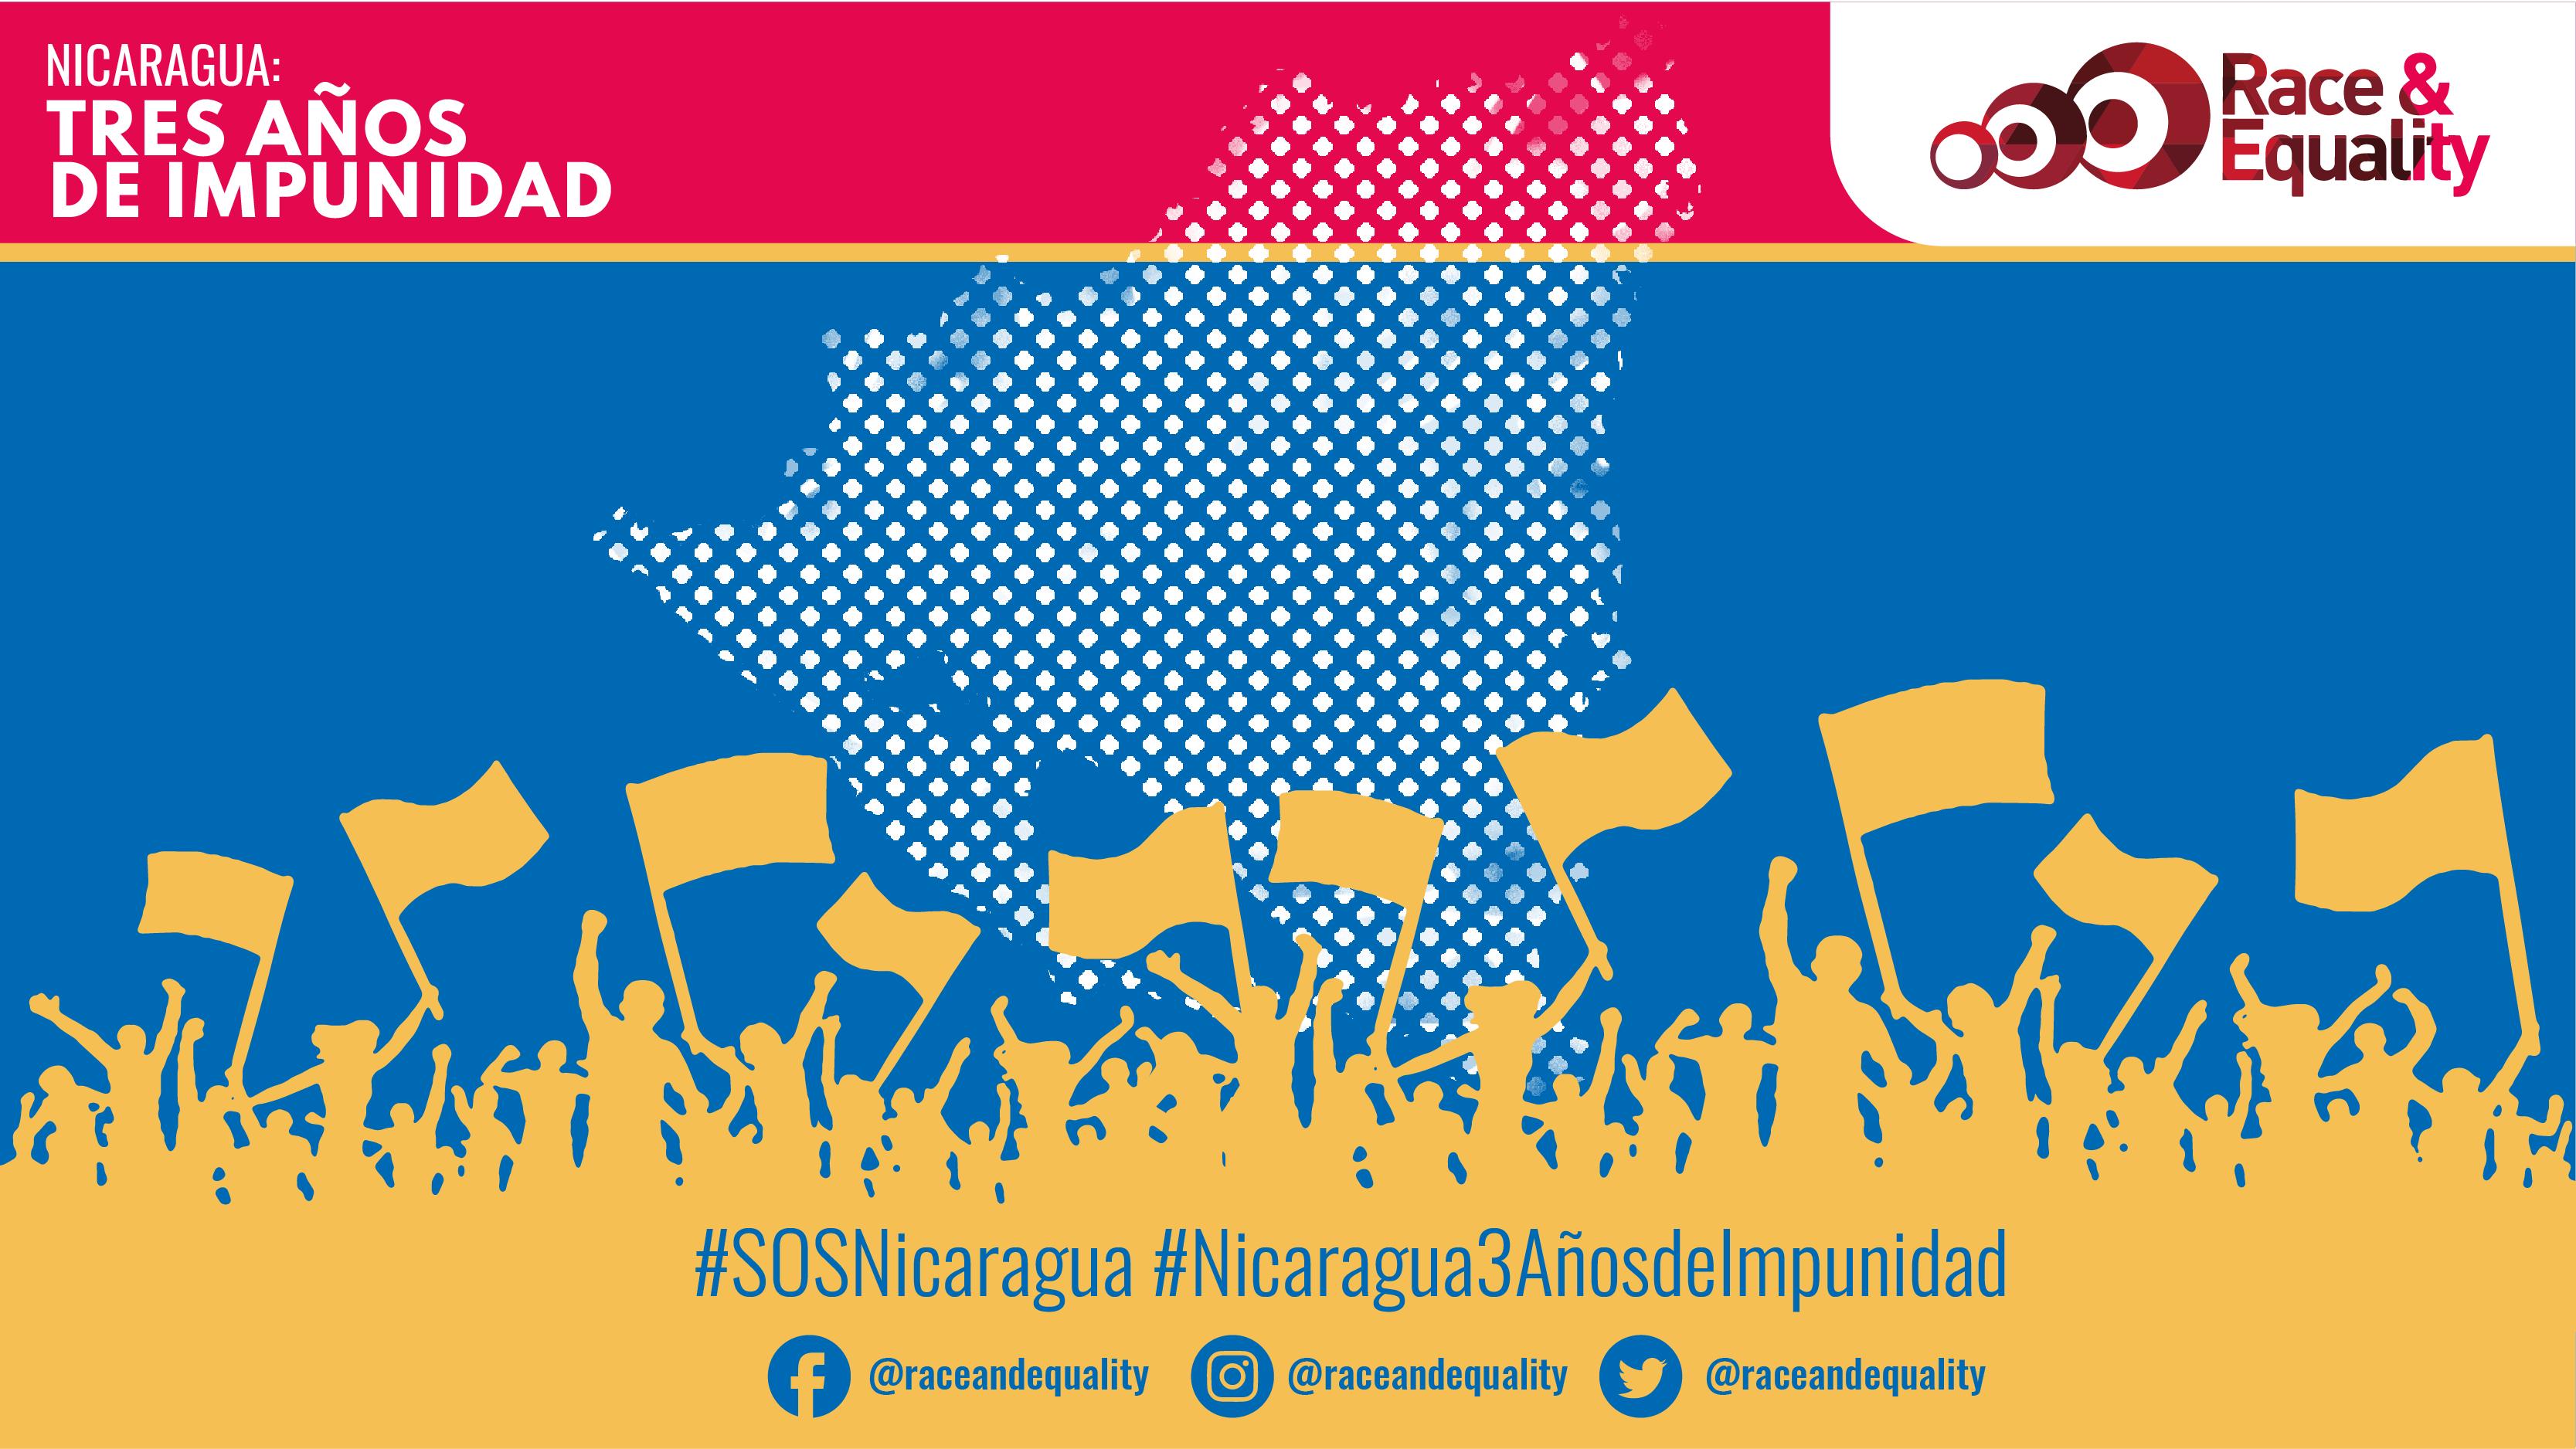 Tres años de impunidad en Nicaragua: Raza e Igualdad demanda verdad, justicia, reparación y no repetición